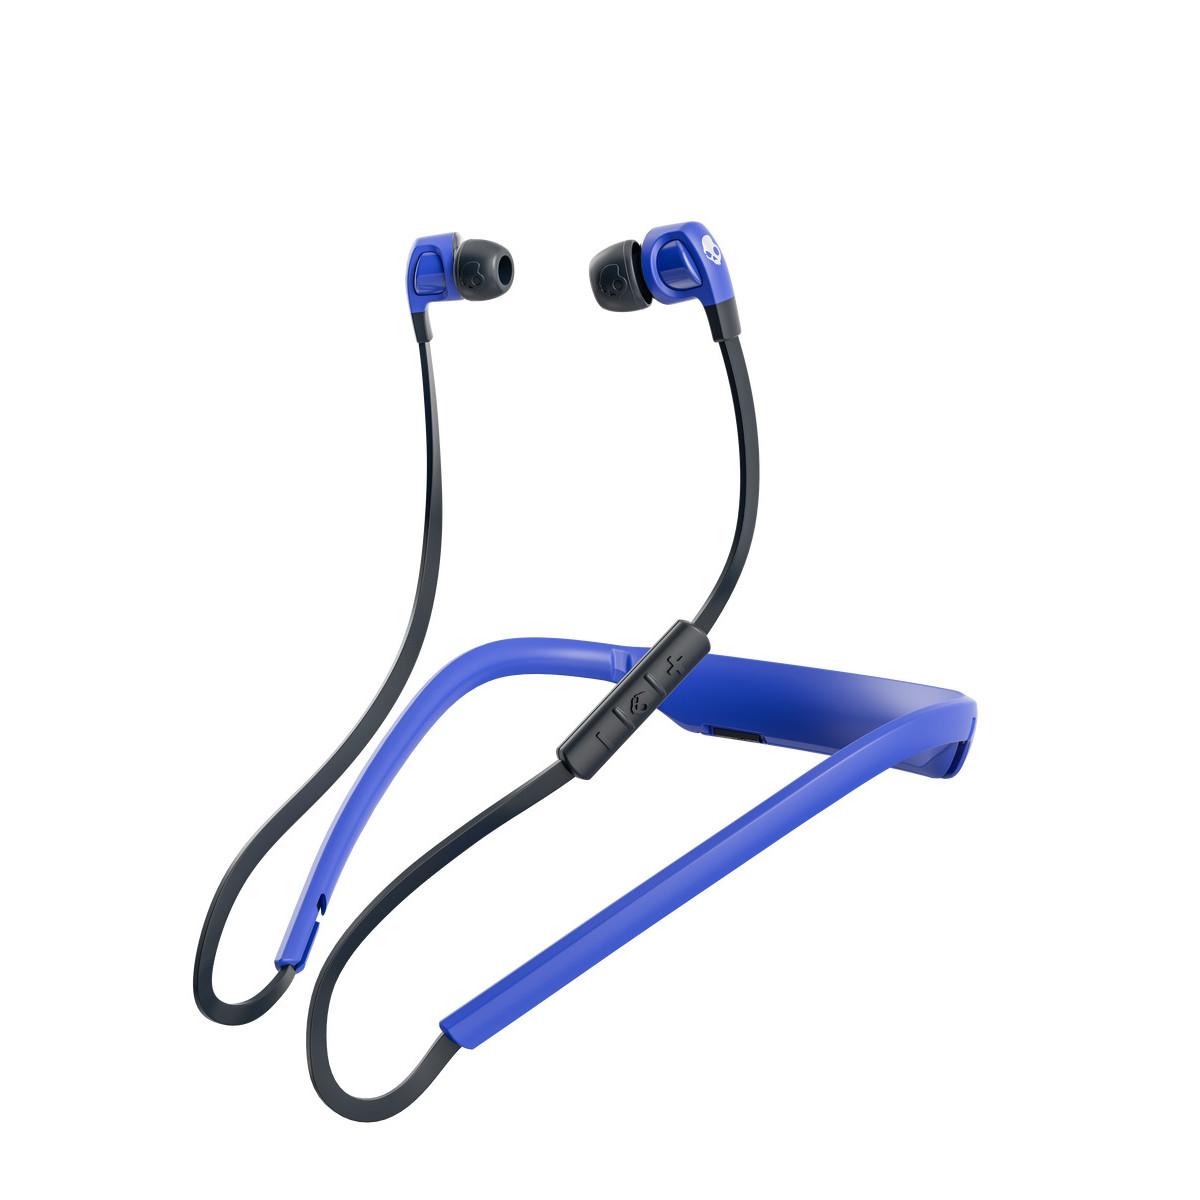 Tai Nghe Bluetooth Skullcandy Smokin BudS 2.0 Wireless màu xanh dương SK-S2PGW-K615 - Hàng Chính Hãng